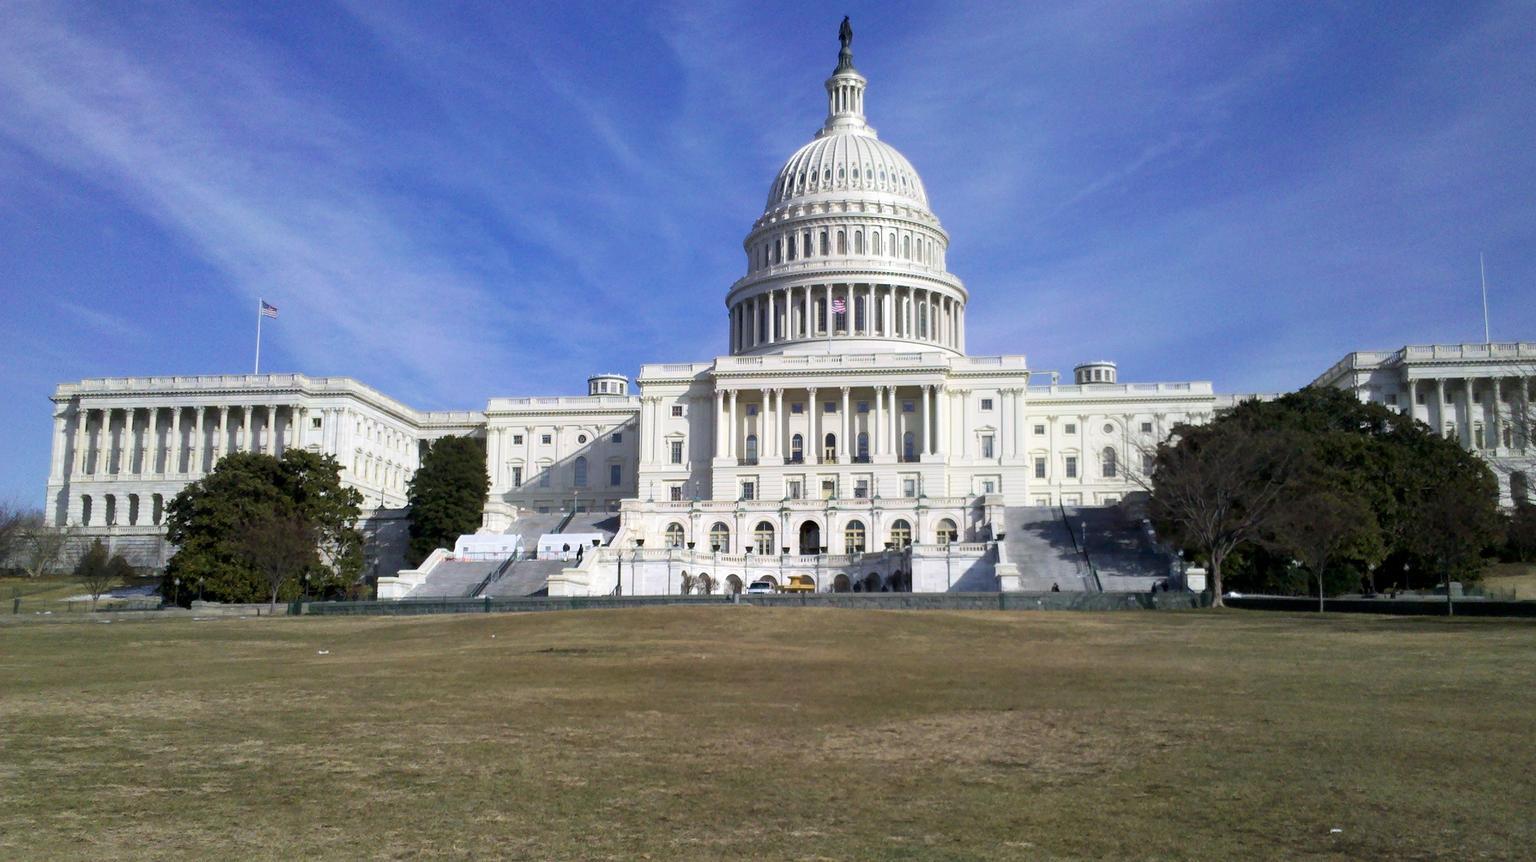 MÁS FOTOS, Visita turística express a Washington DC